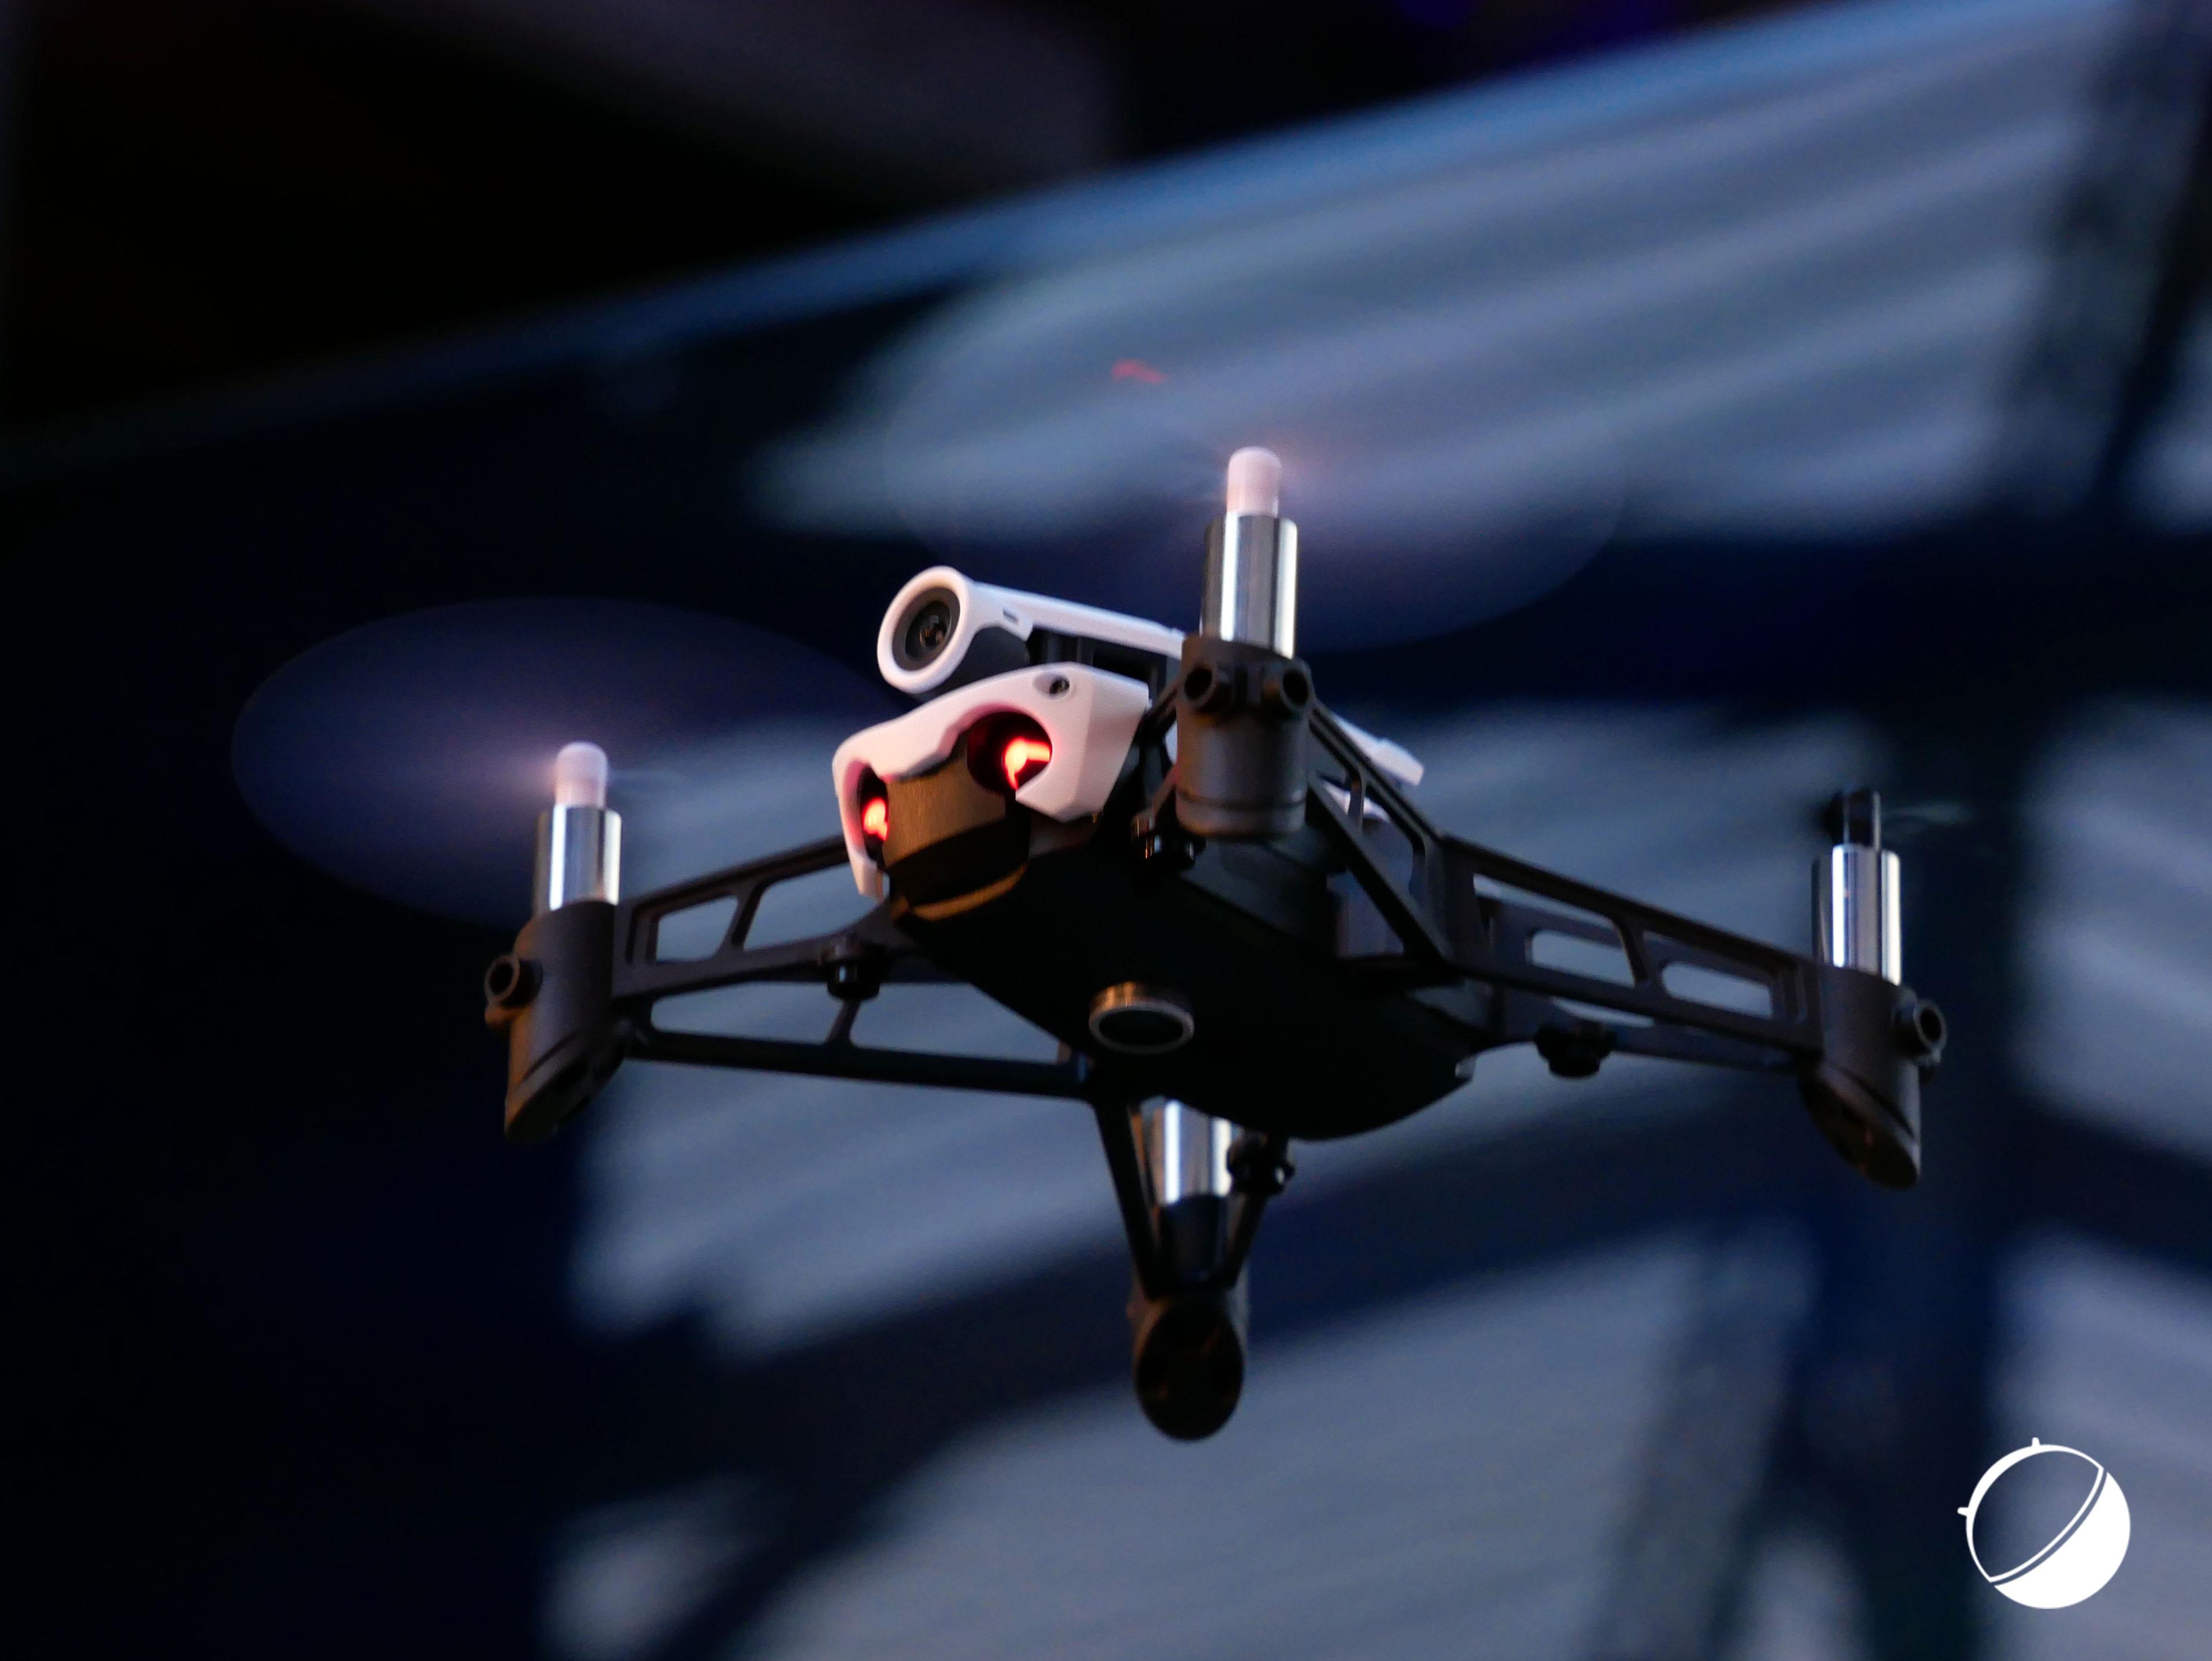 parrot mambo un nouveau drone de course 180 euros. Black Bedroom Furniture Sets. Home Design Ideas